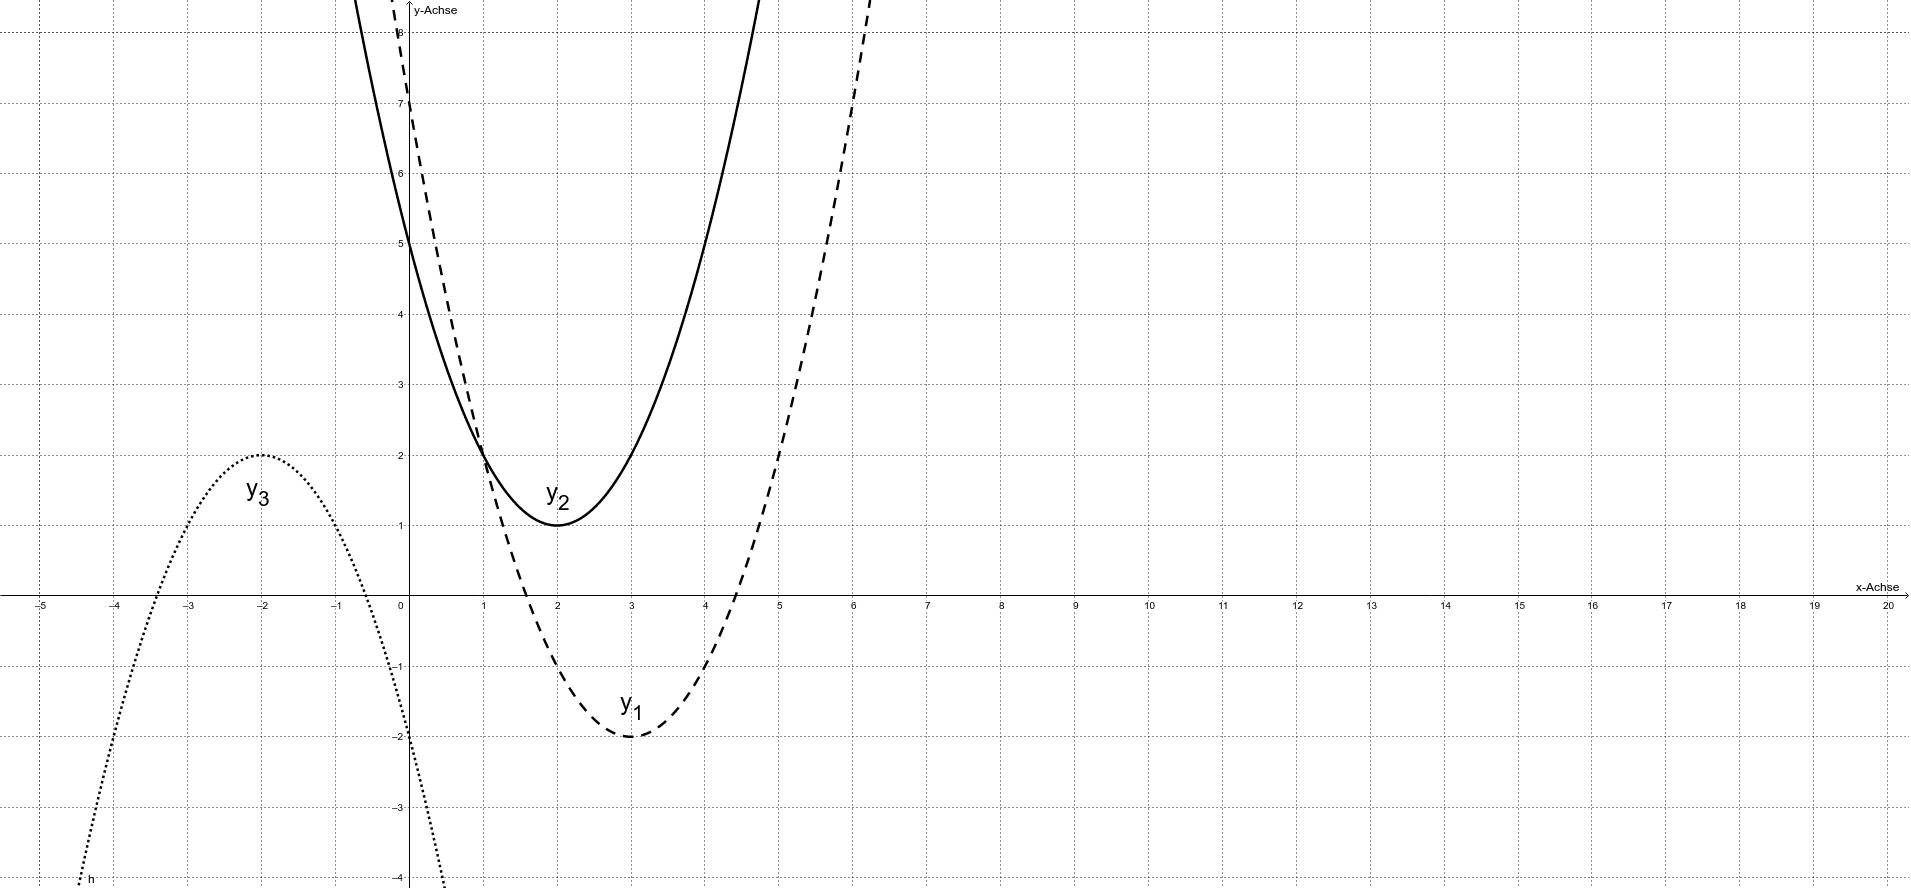 Gib den Scheitelpunkt S und die Funktionsgleichung zu den Graphen an.